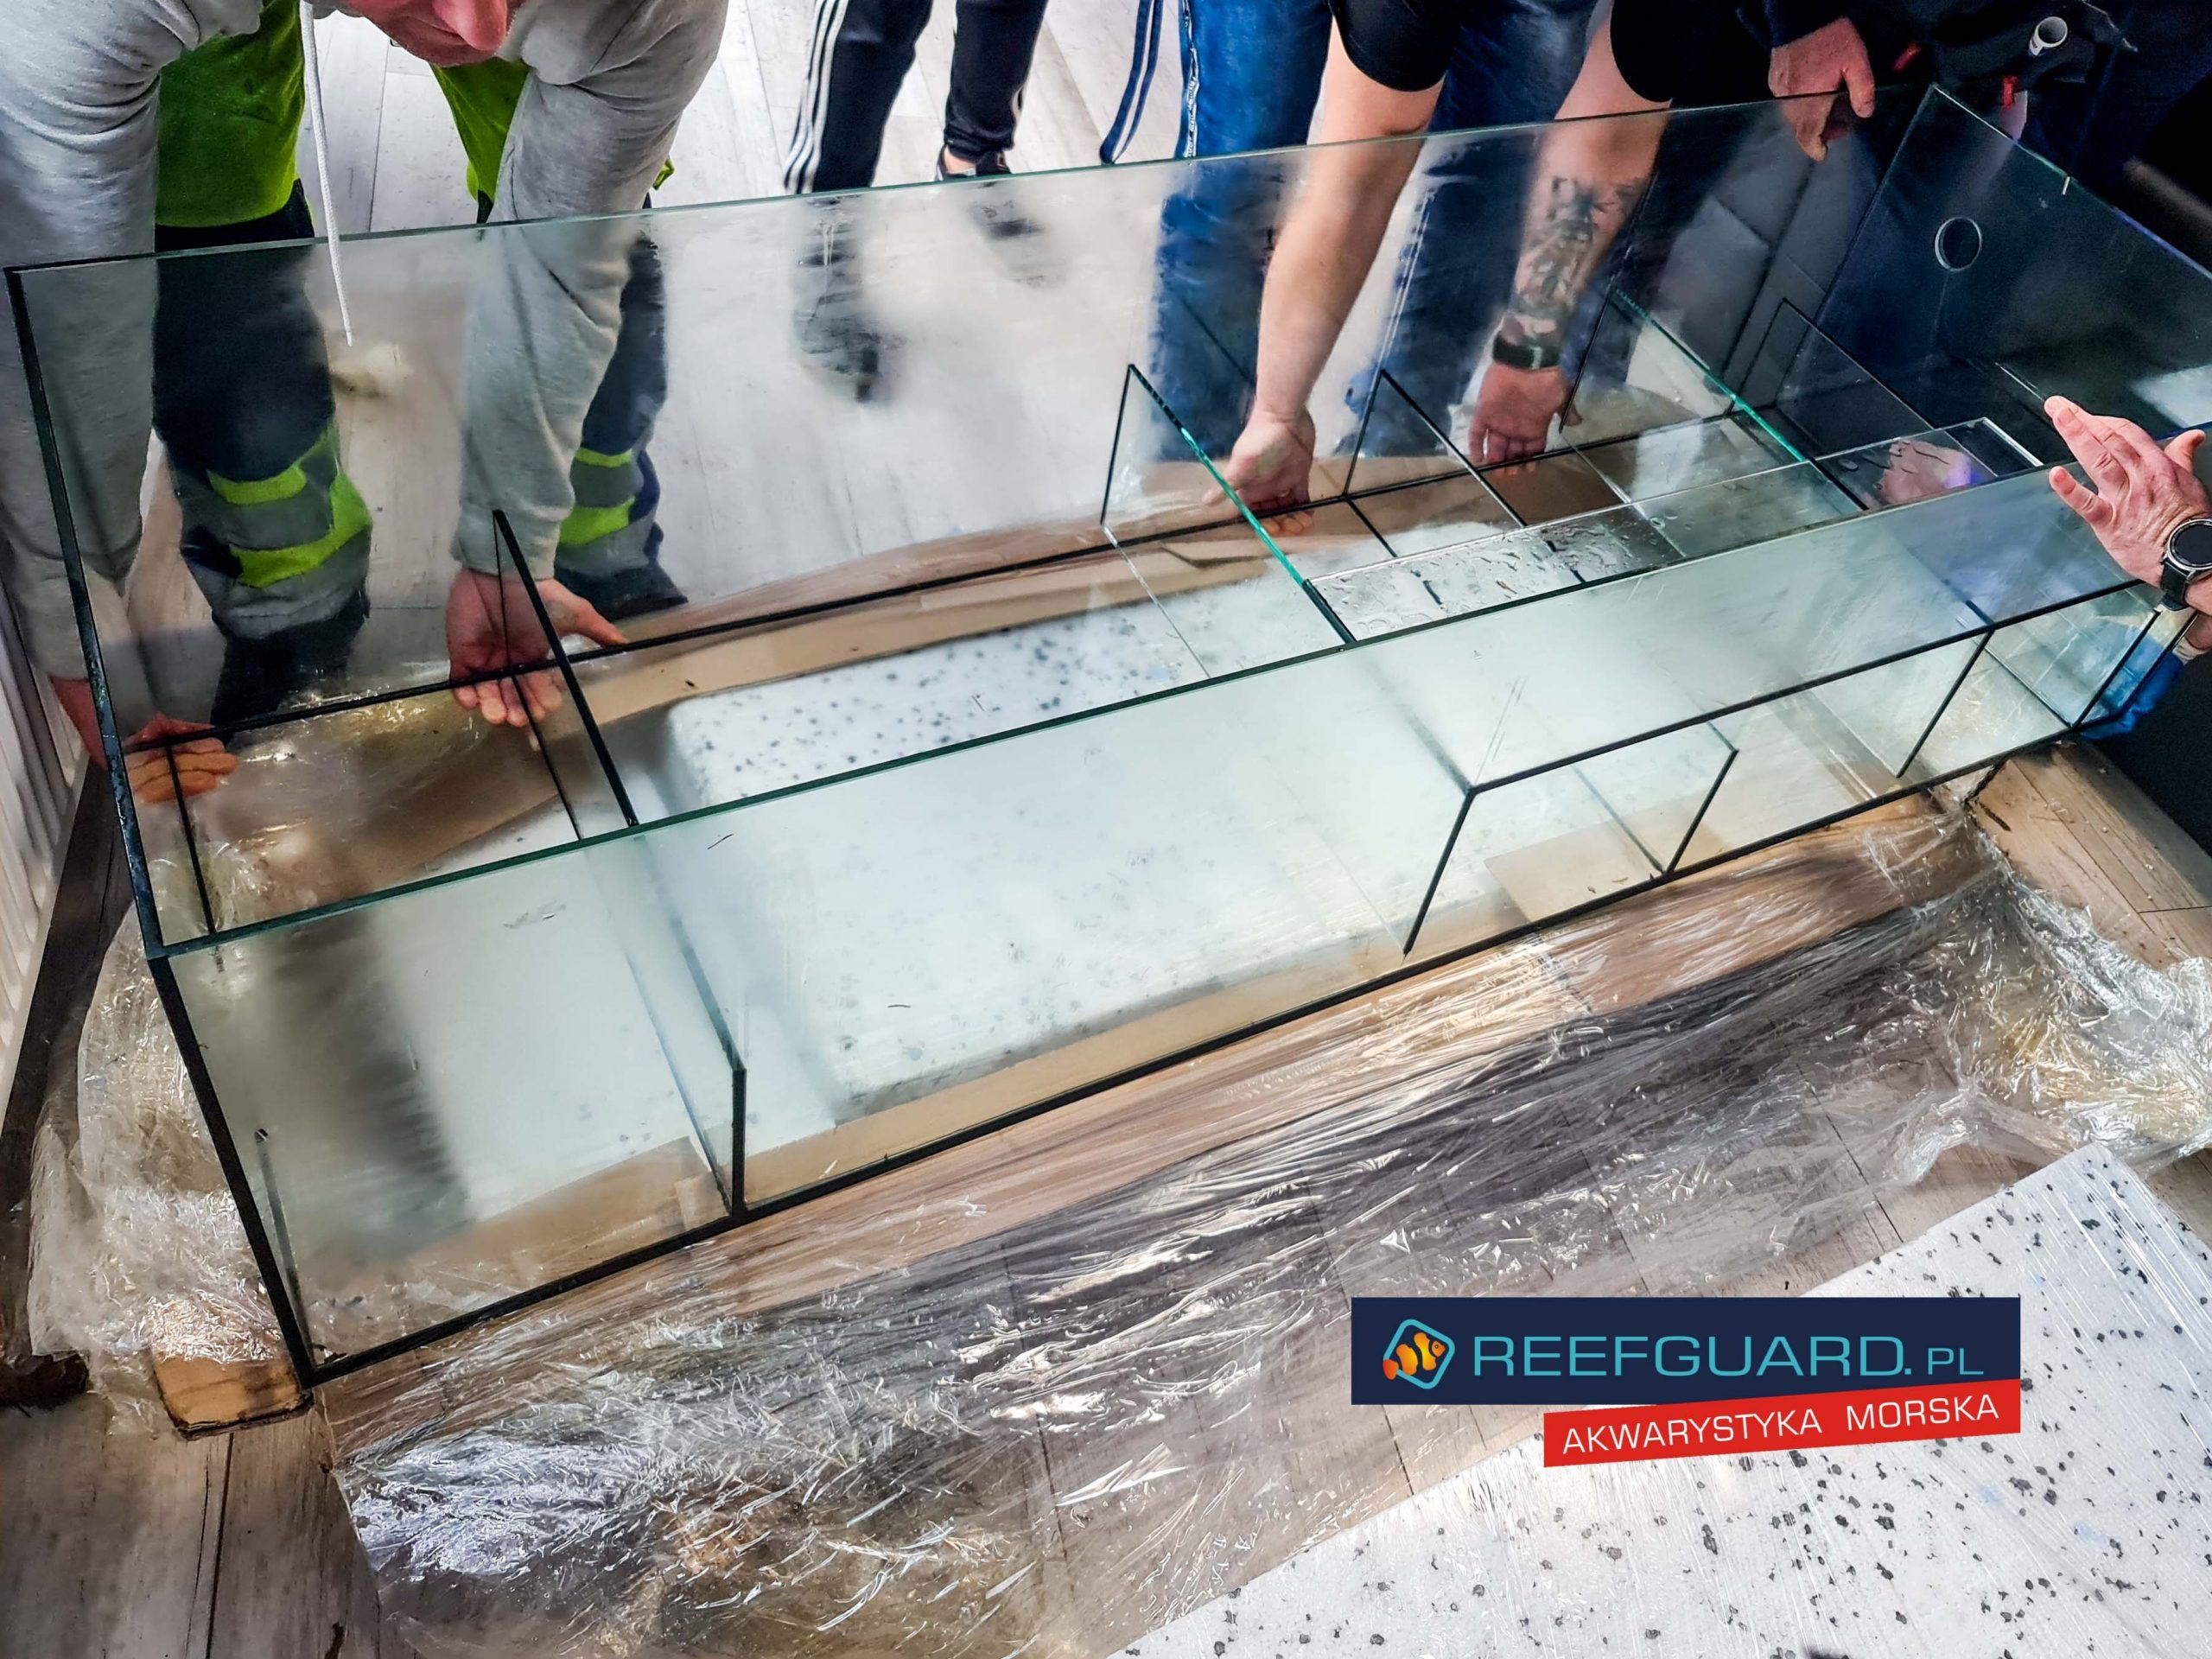 Sump Projekt Szczecin Reefguard Scaled